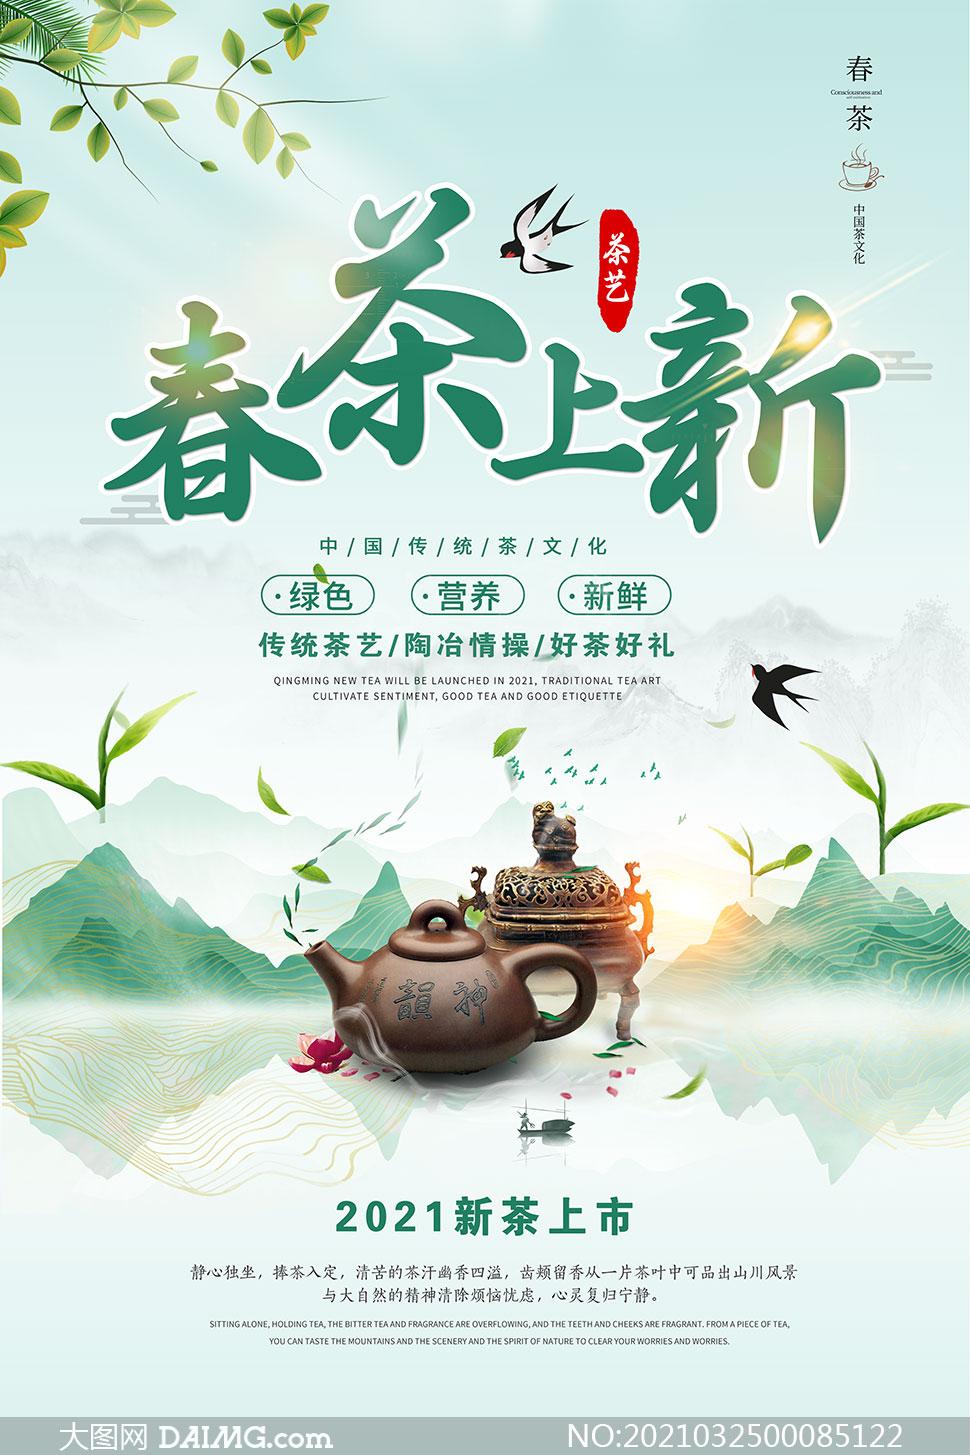 2021春茶上市活動宣傳單設計PSD素材